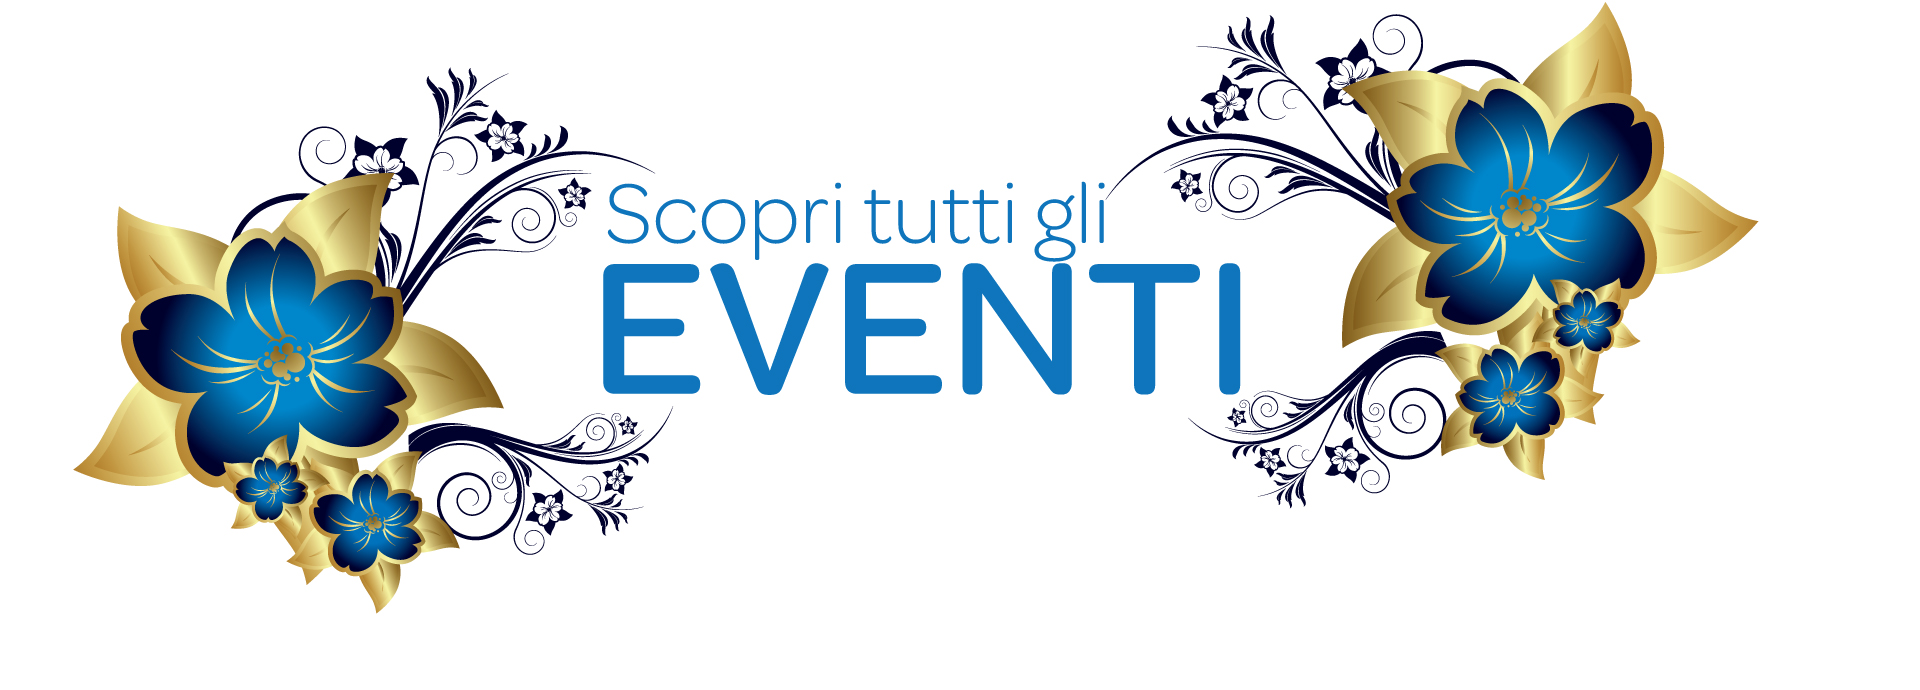 03 Prossimi Eventi